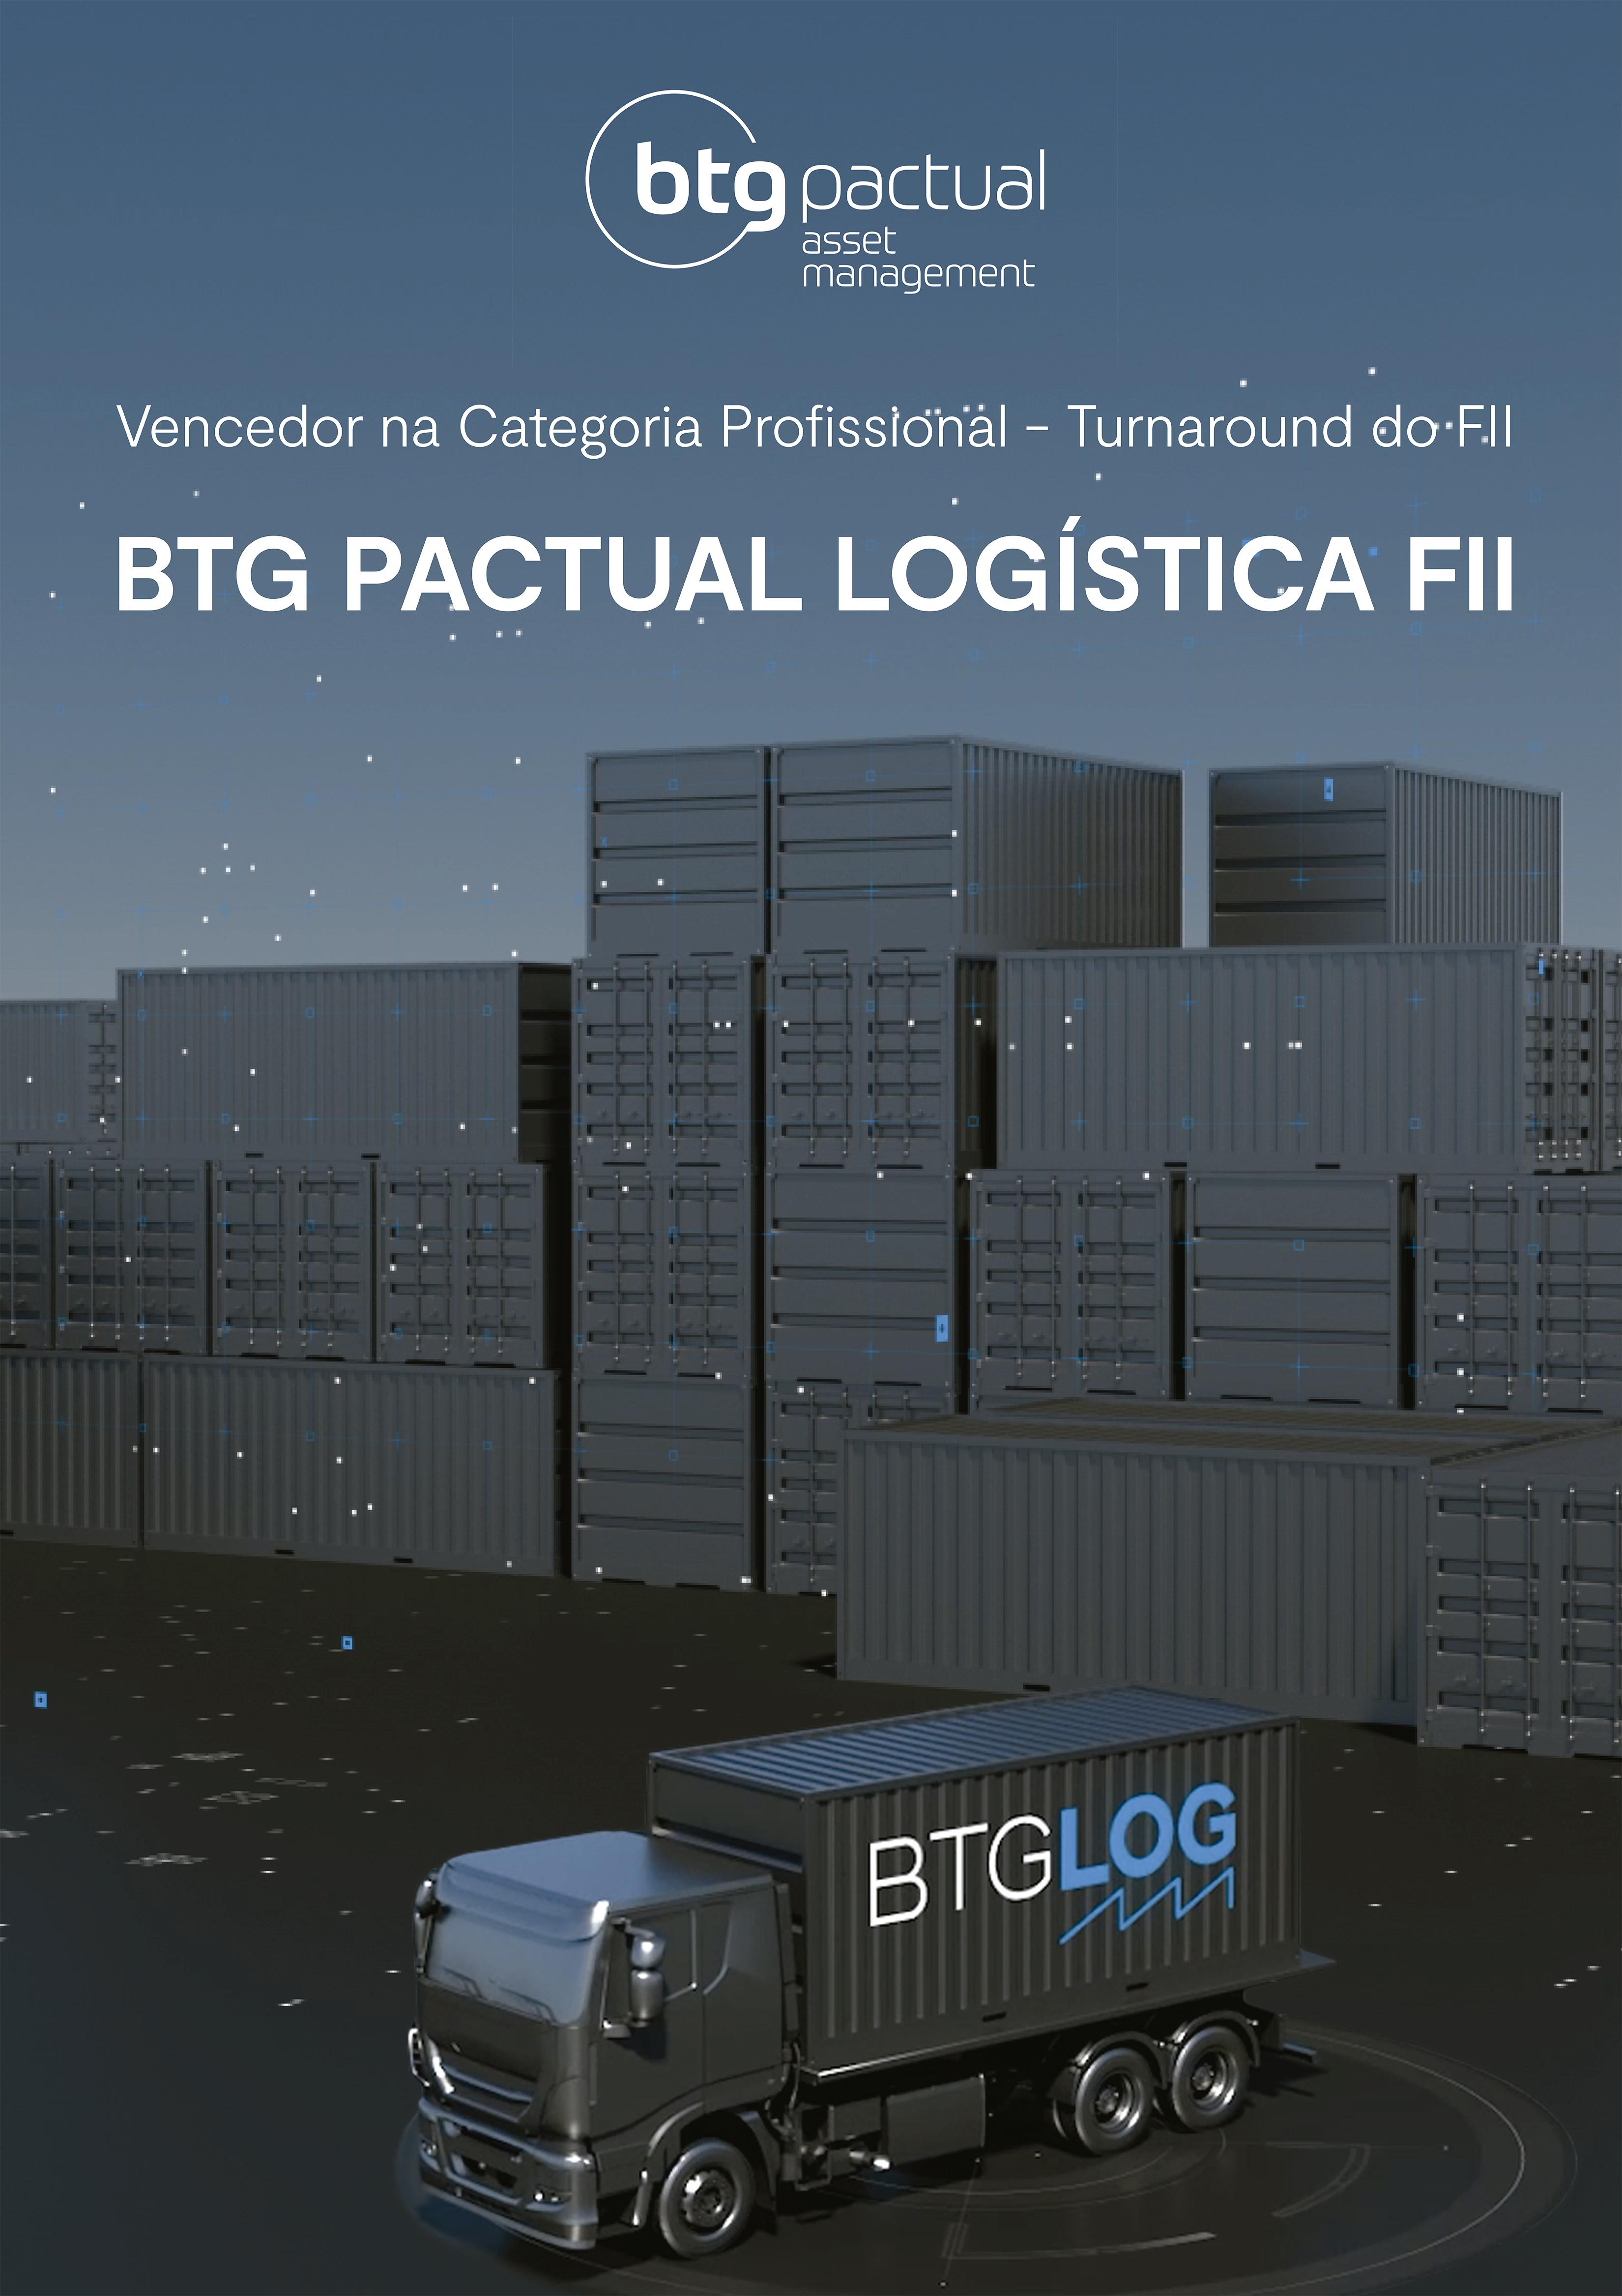 Criando valor com ativismo: BTLG - BTG Pactual LOG